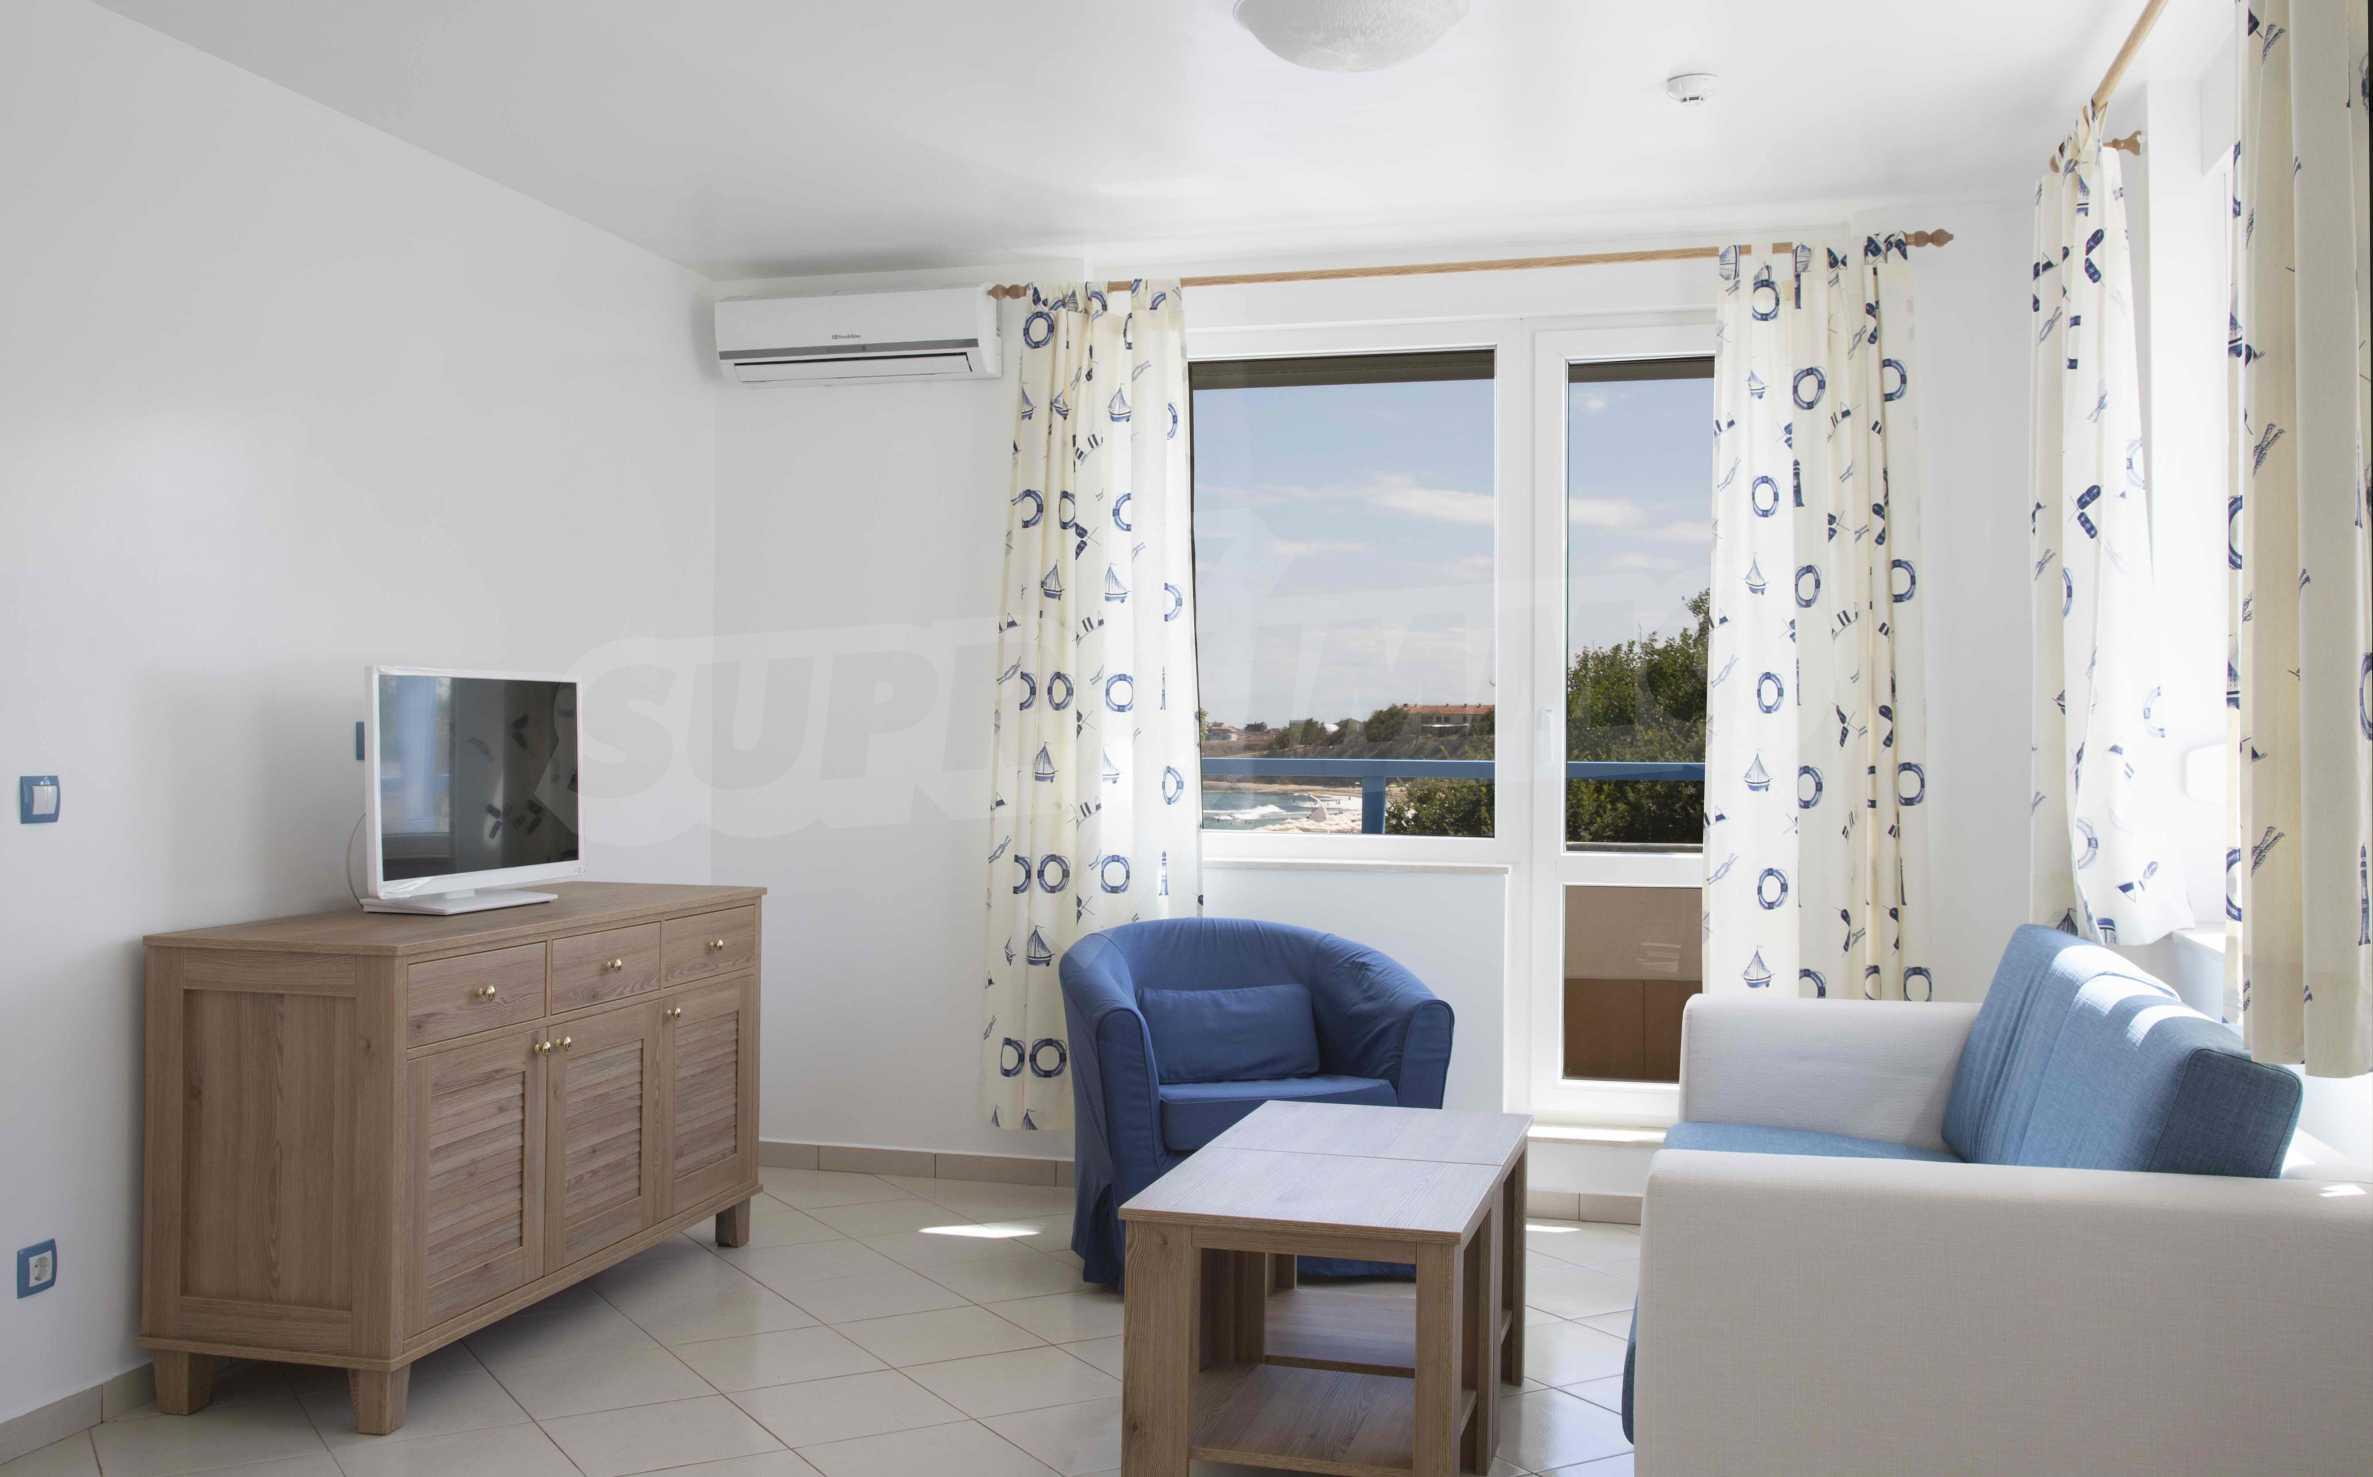 Стилен жилищен комплекс в непосредствена близост до плажа в Лозенец 12